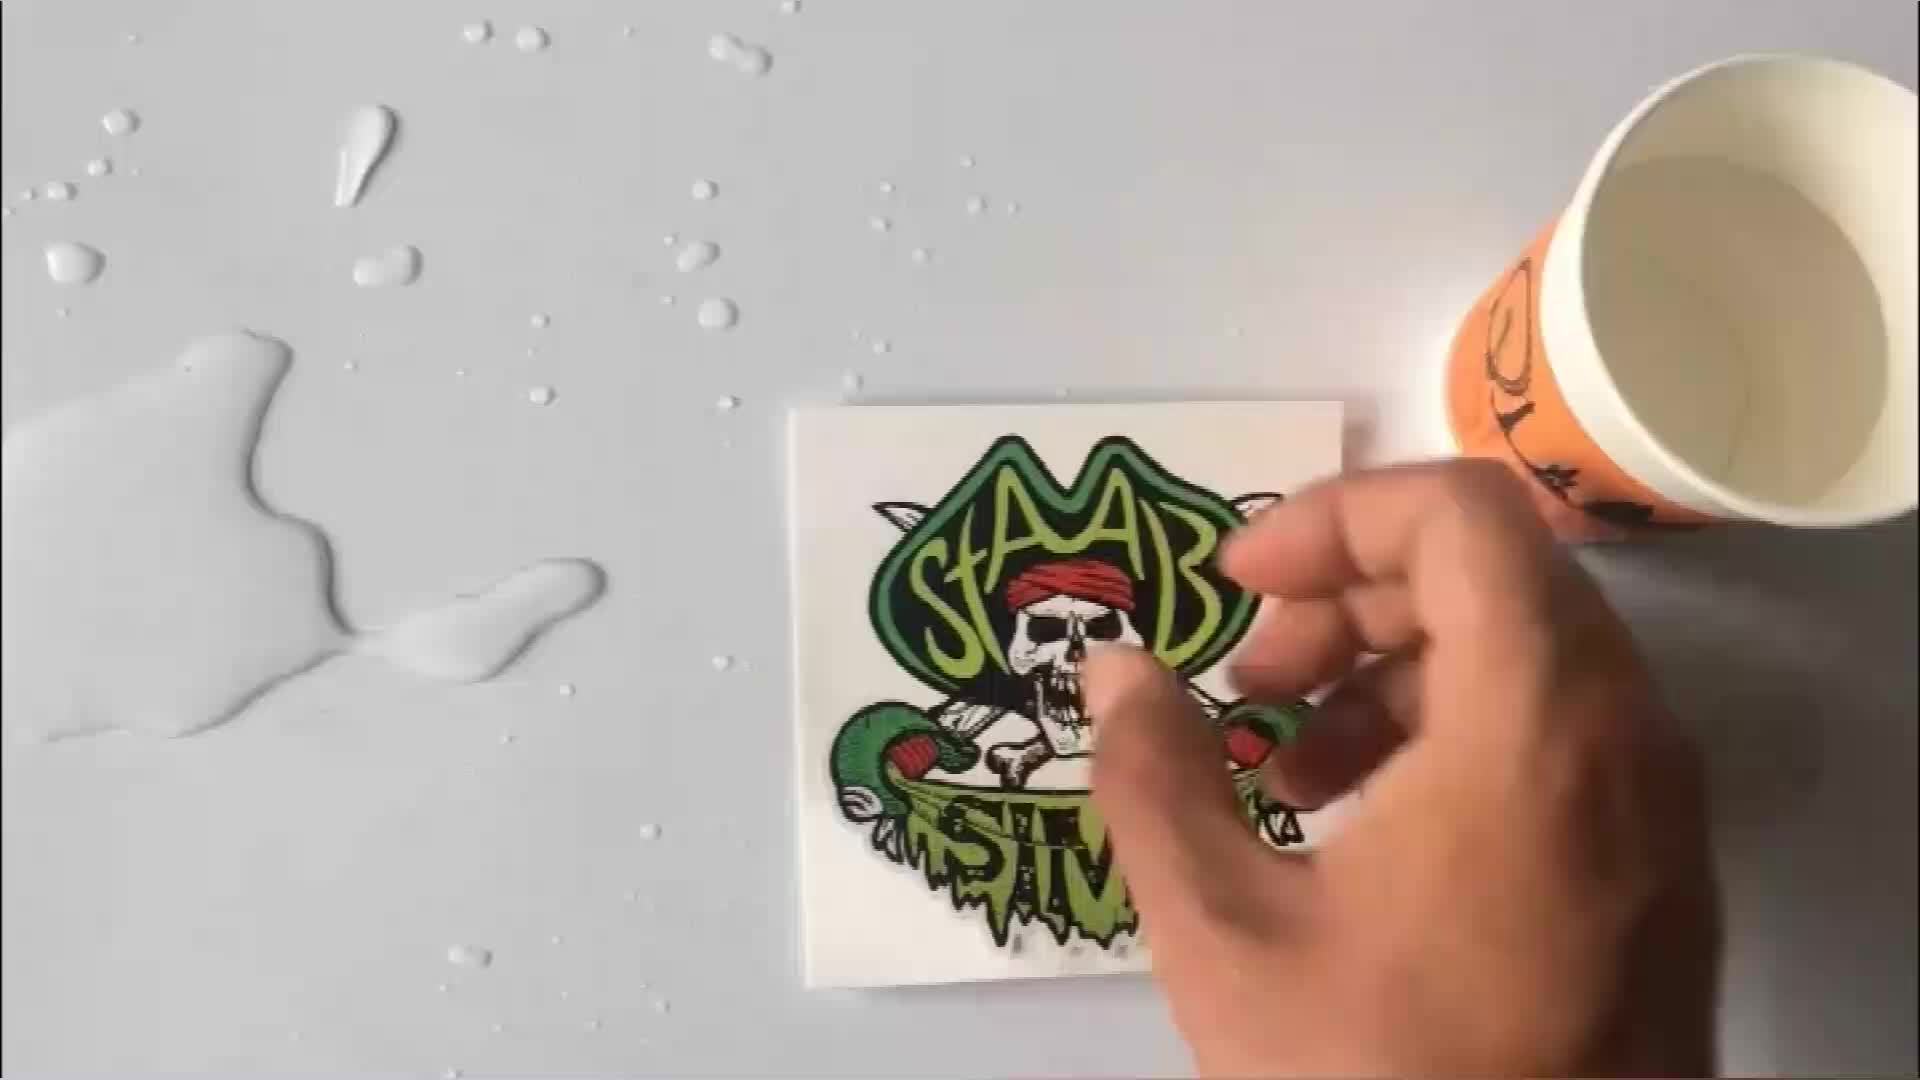 Colorful Adhesive Waterproof Die Cut Logo Stickers Custom PVC Vinyl Stickers